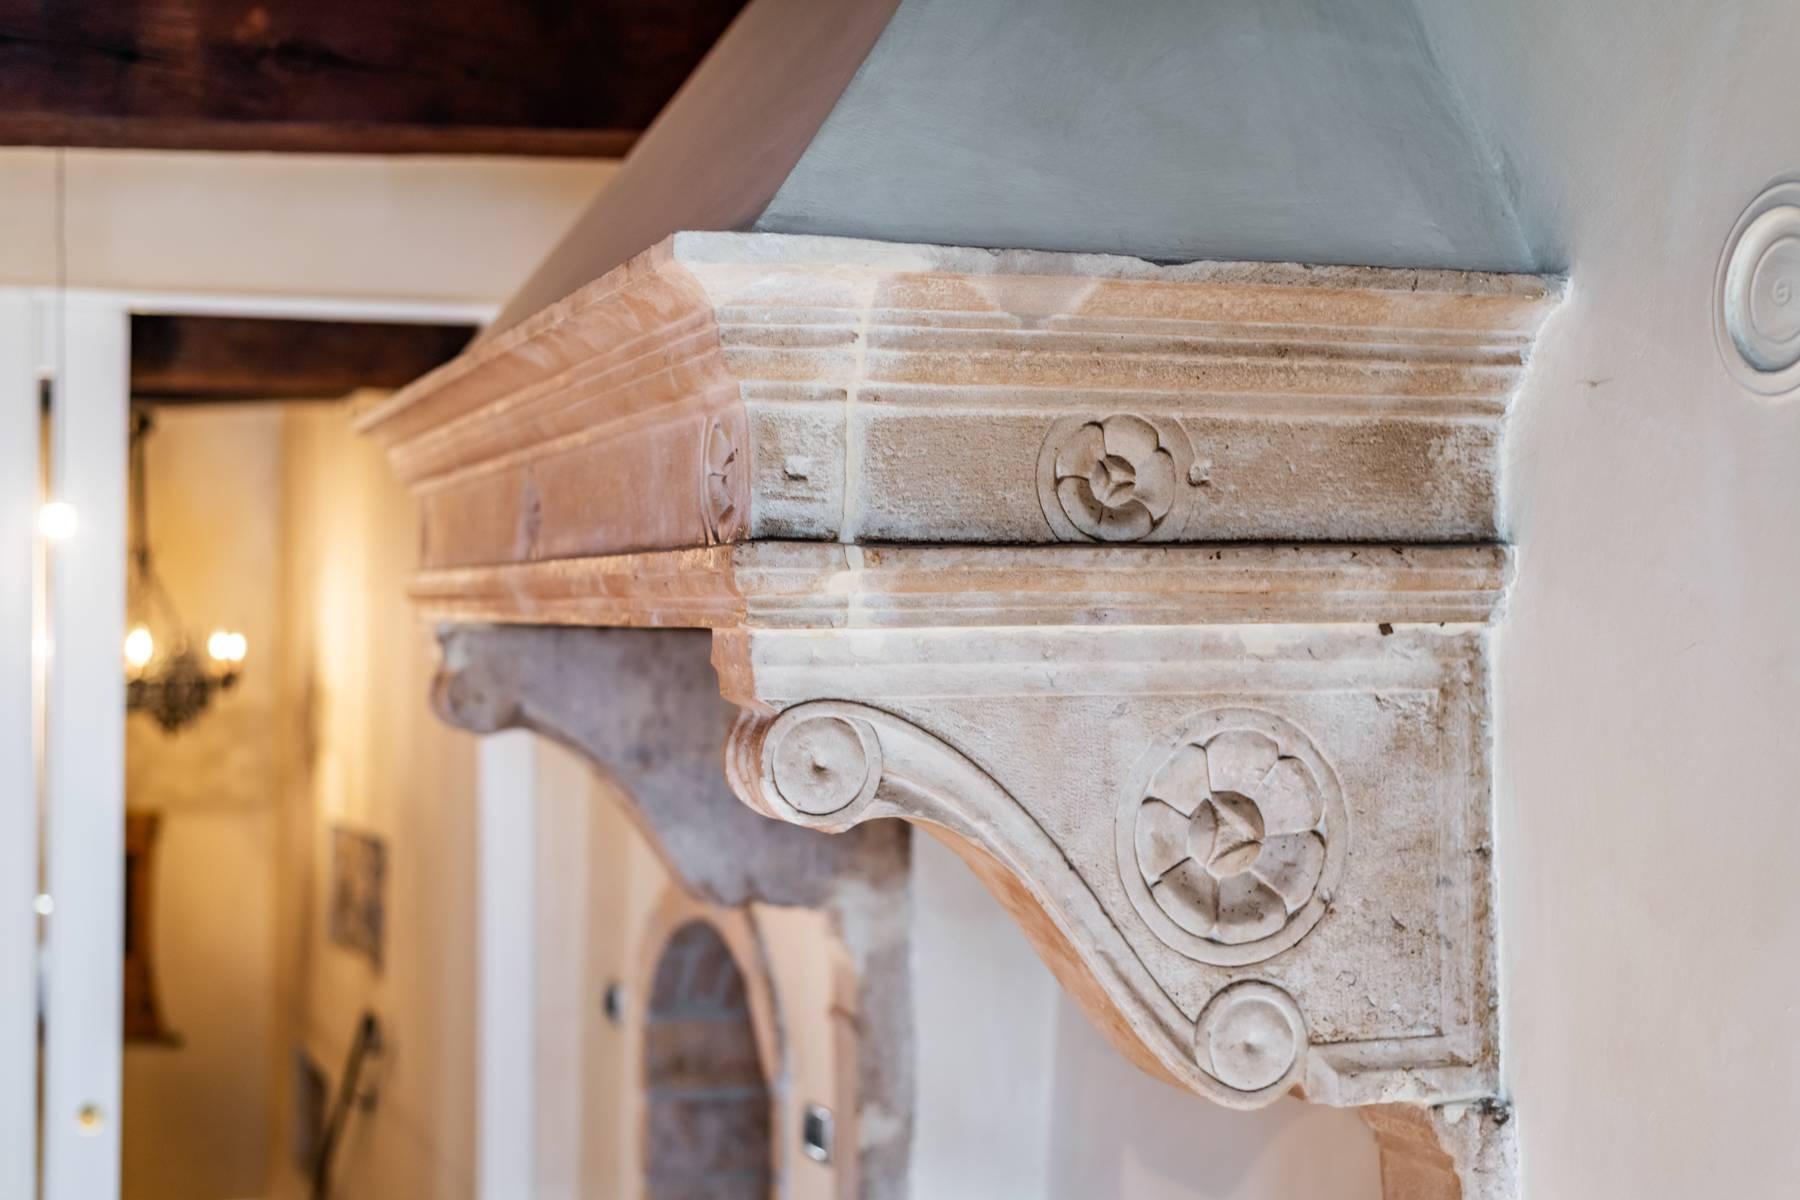 Renoviertes Gebäude aus dem 15. Jahrhundert im historischen Zentrum von Serravalle, Heimat des Malers Antonello Da Serravalle - 8